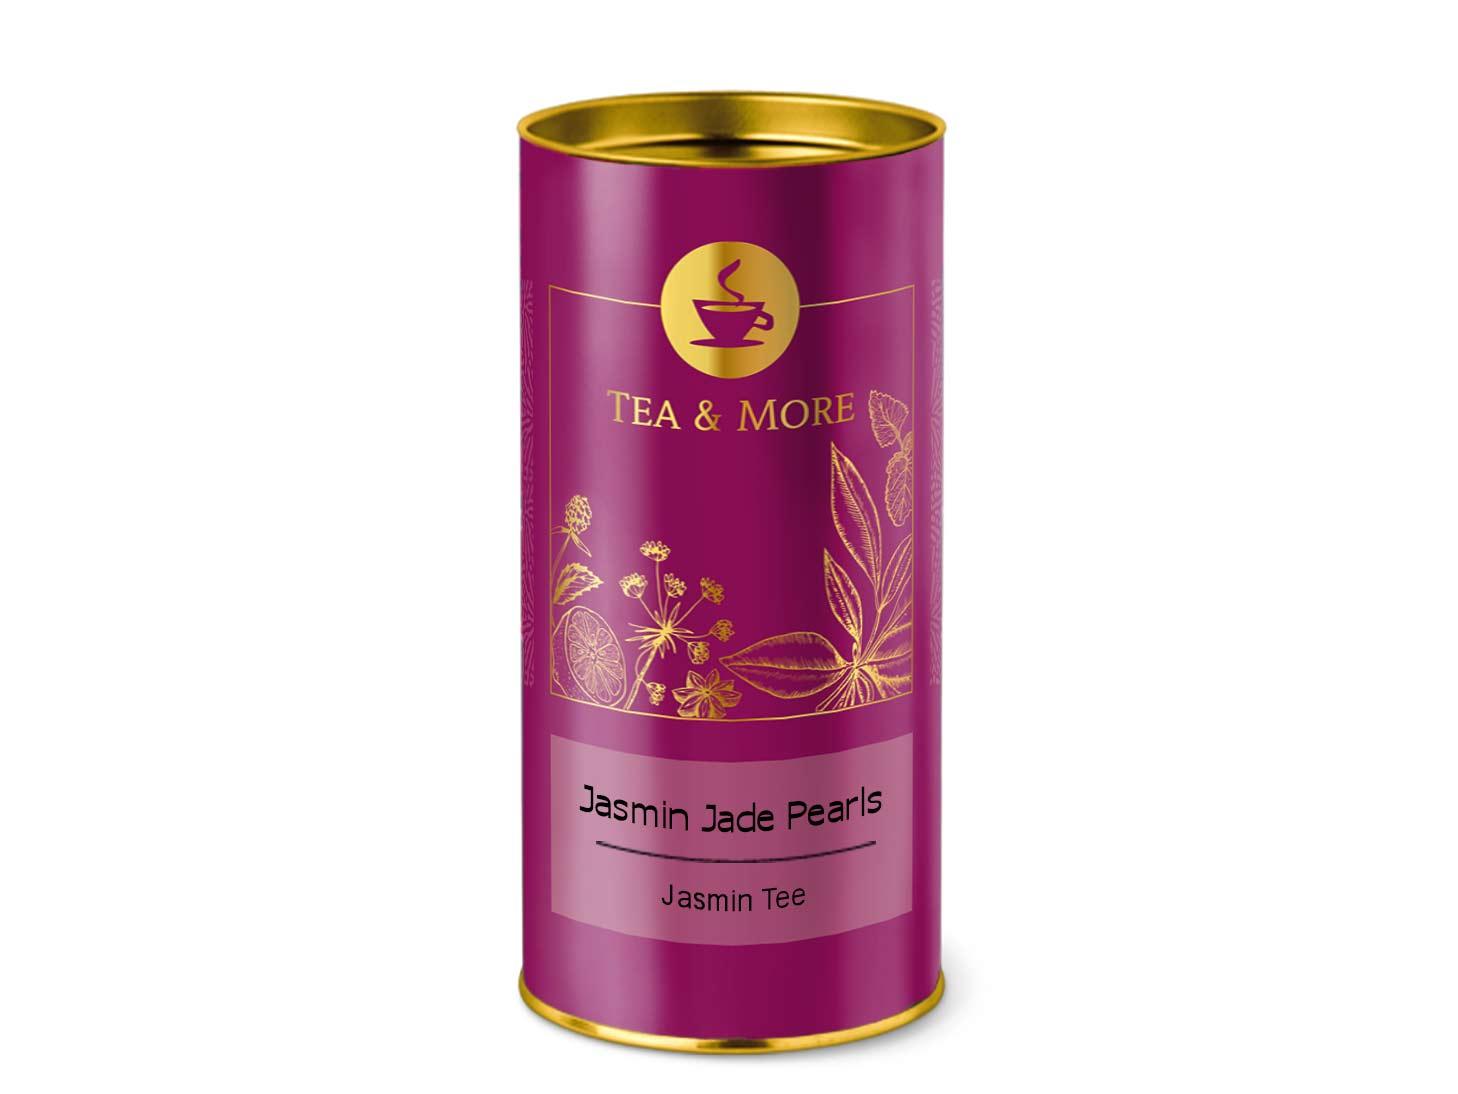 Jasmine Tea Jade Pearls